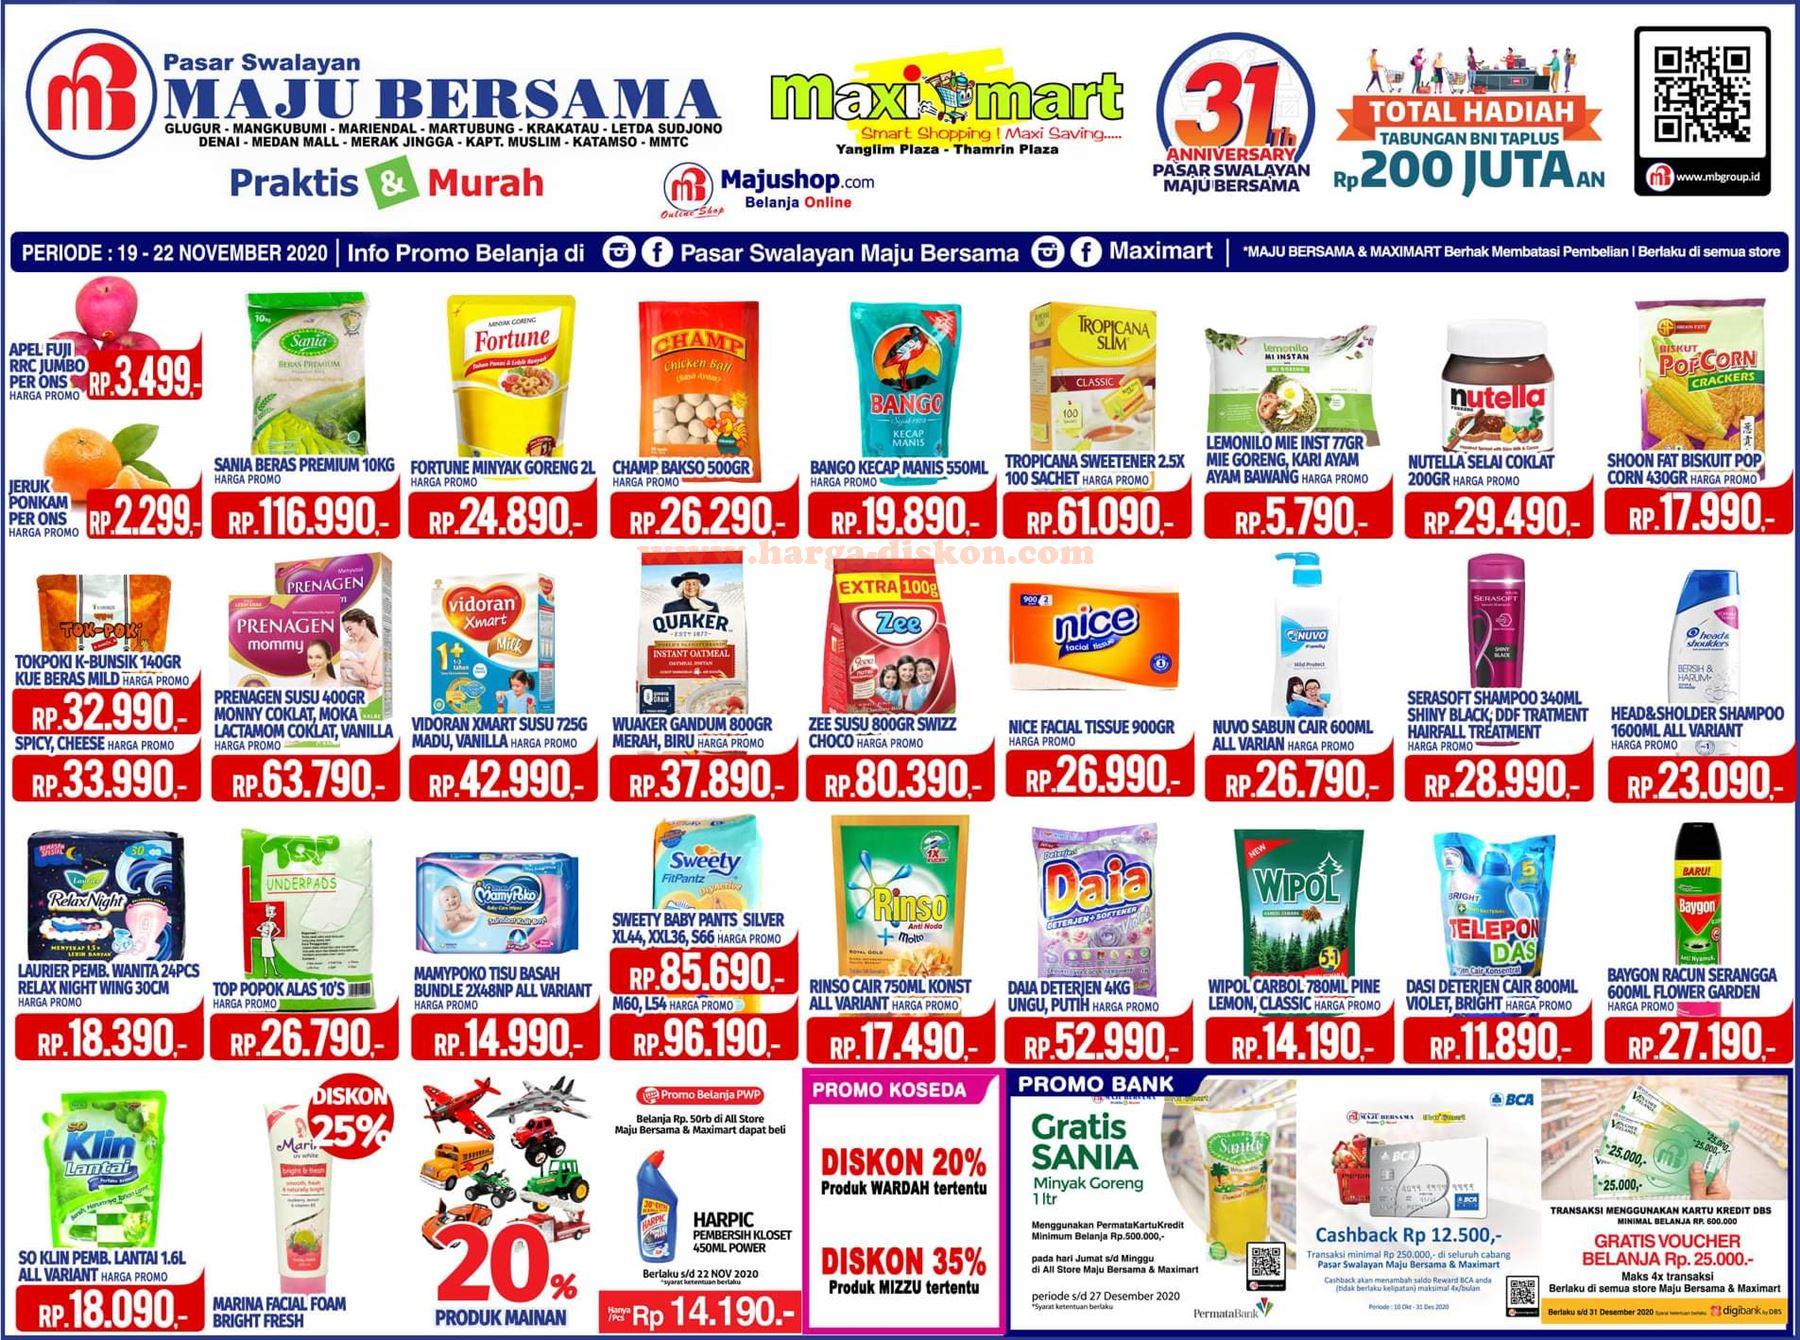 Katalog Promo Maximart Terbaru Akhir Pekan Periode 19 22 November 2020 Harga Diskon